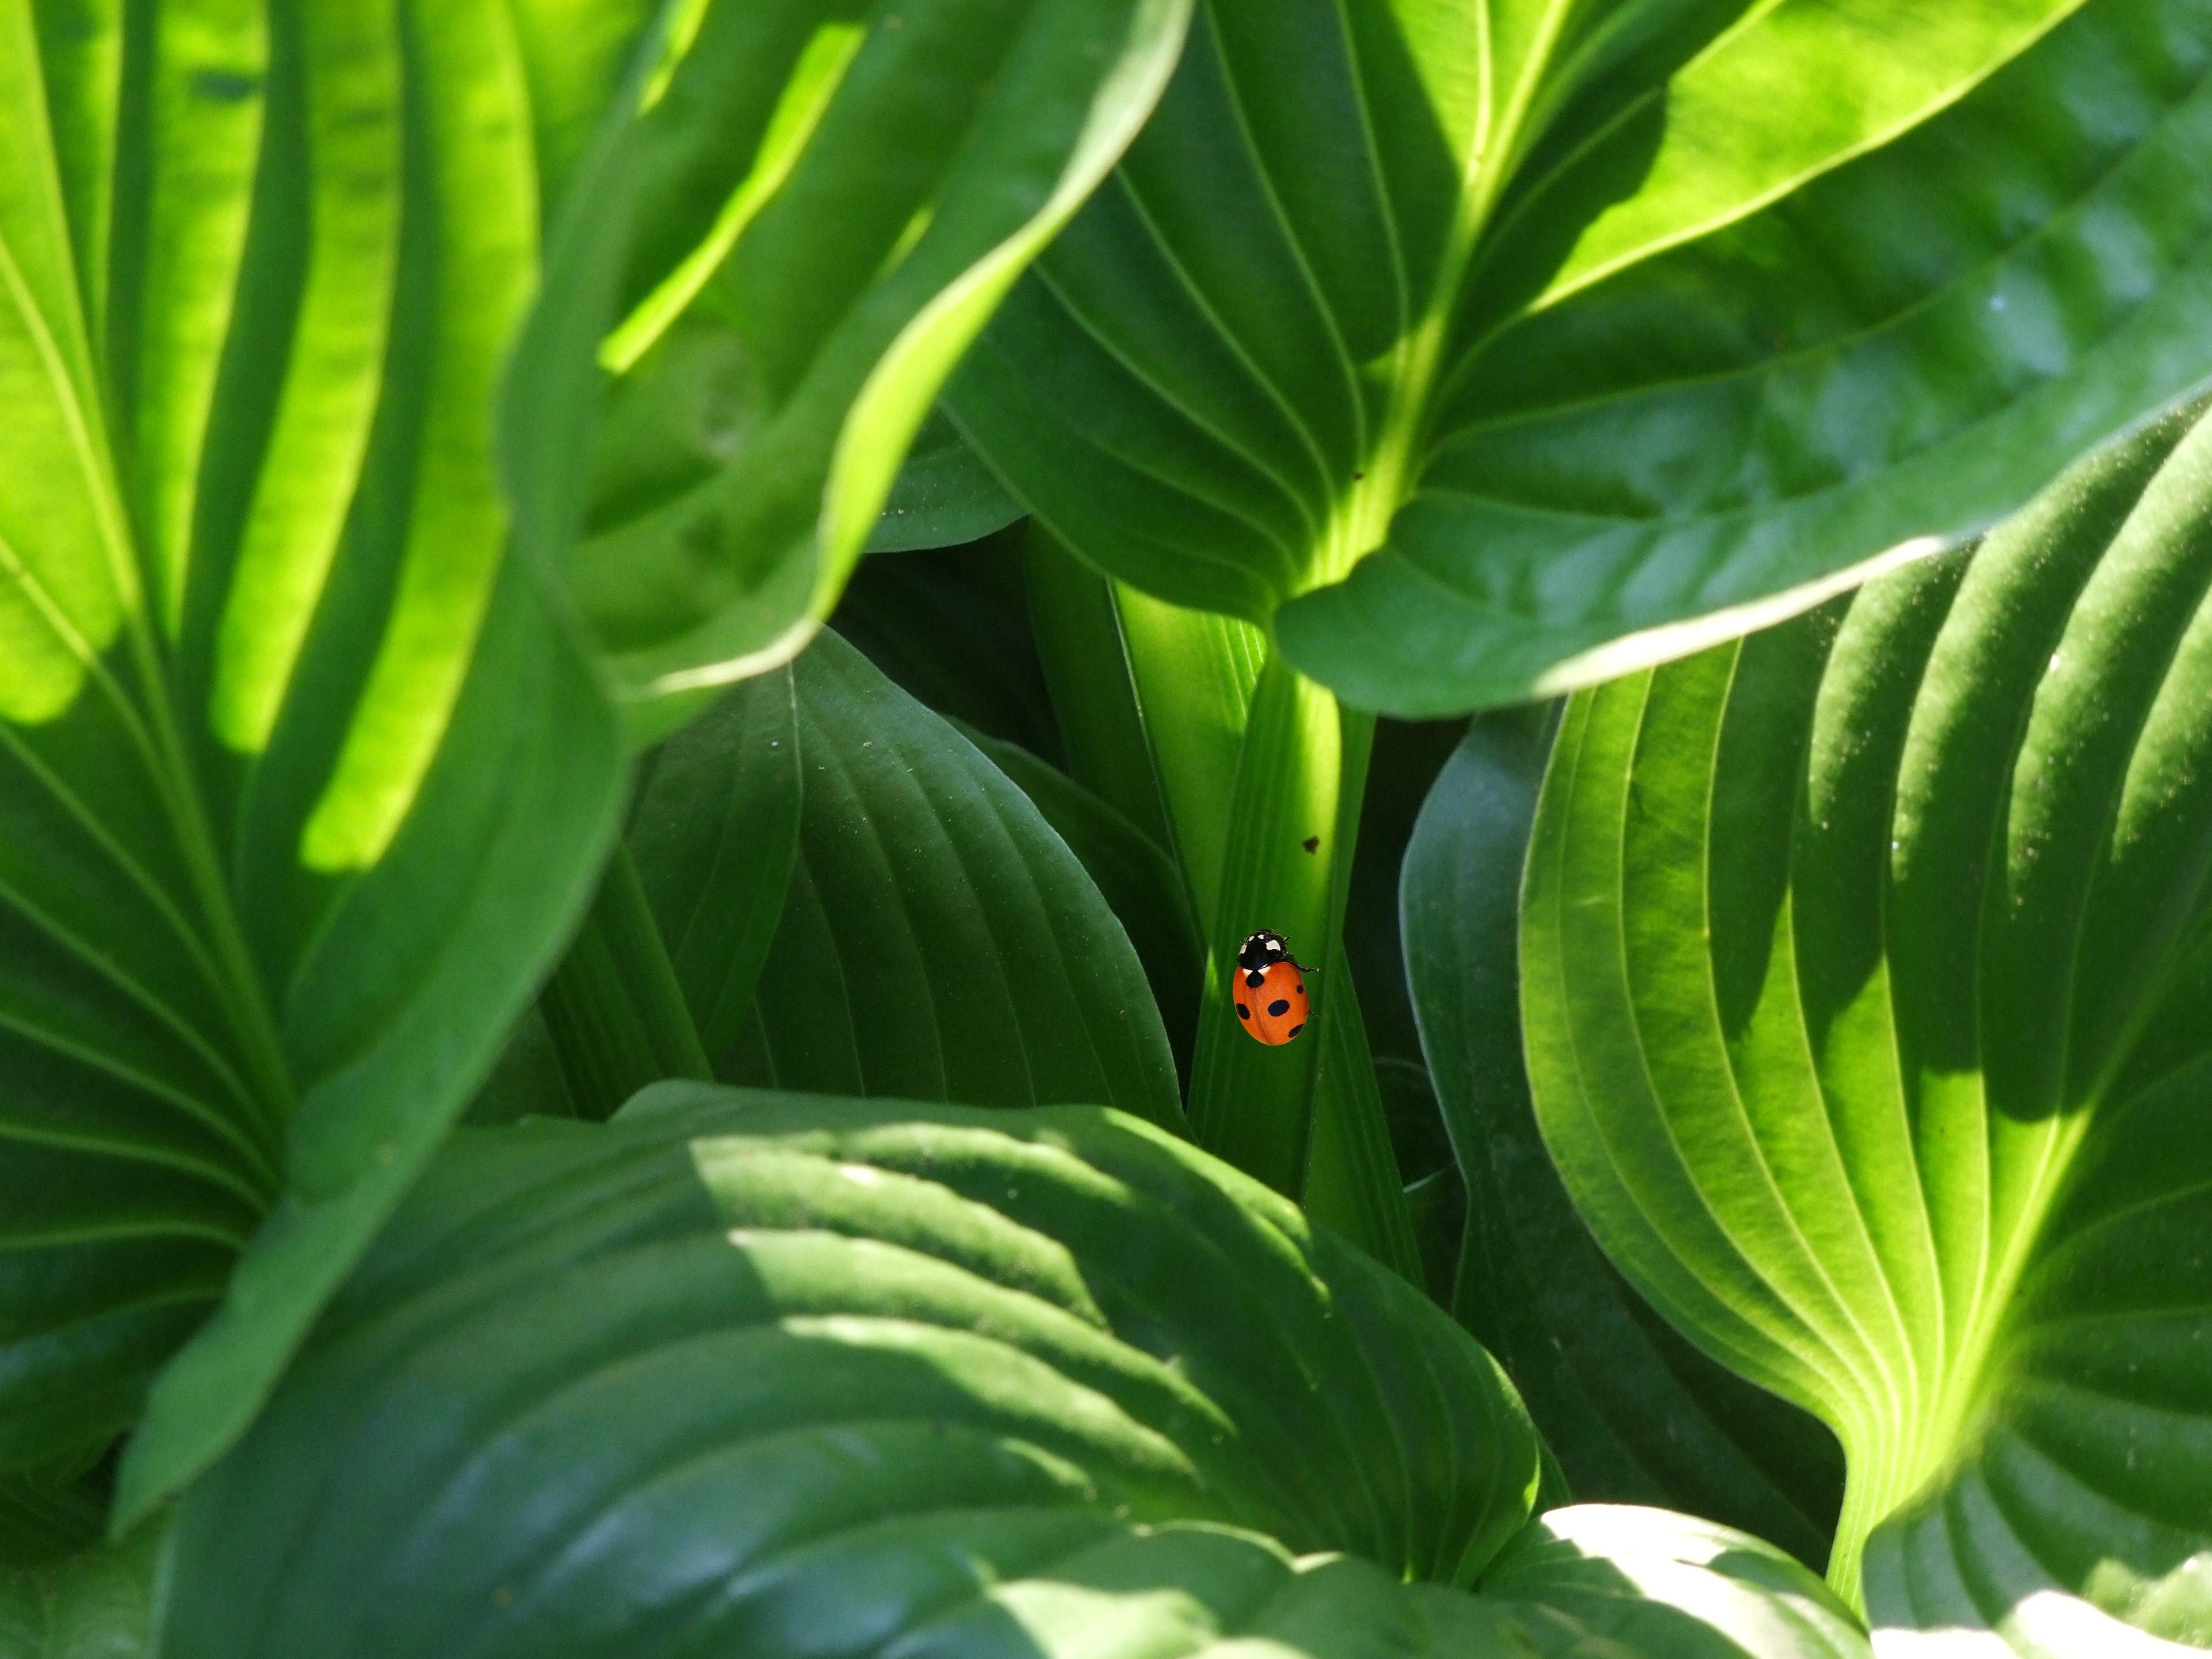 Habitat Düsseldorf free images light leaf flower green jungle shadow ladybug